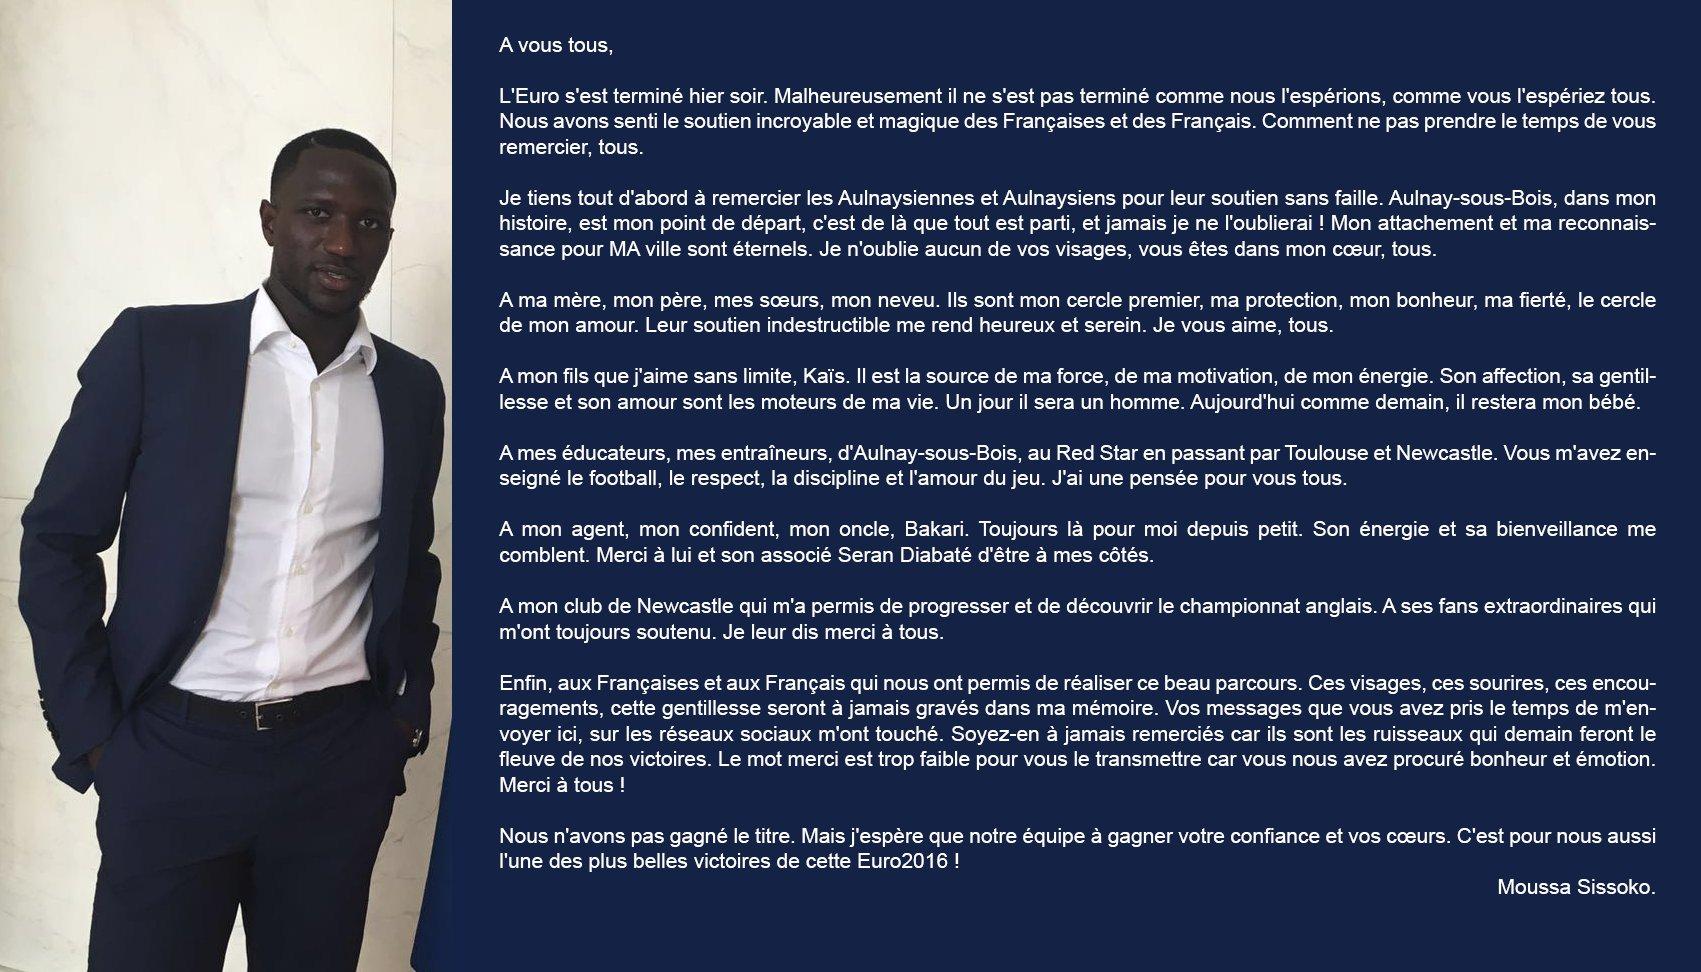 L'émouvante lettre de Moussa Sissoko - Buzz